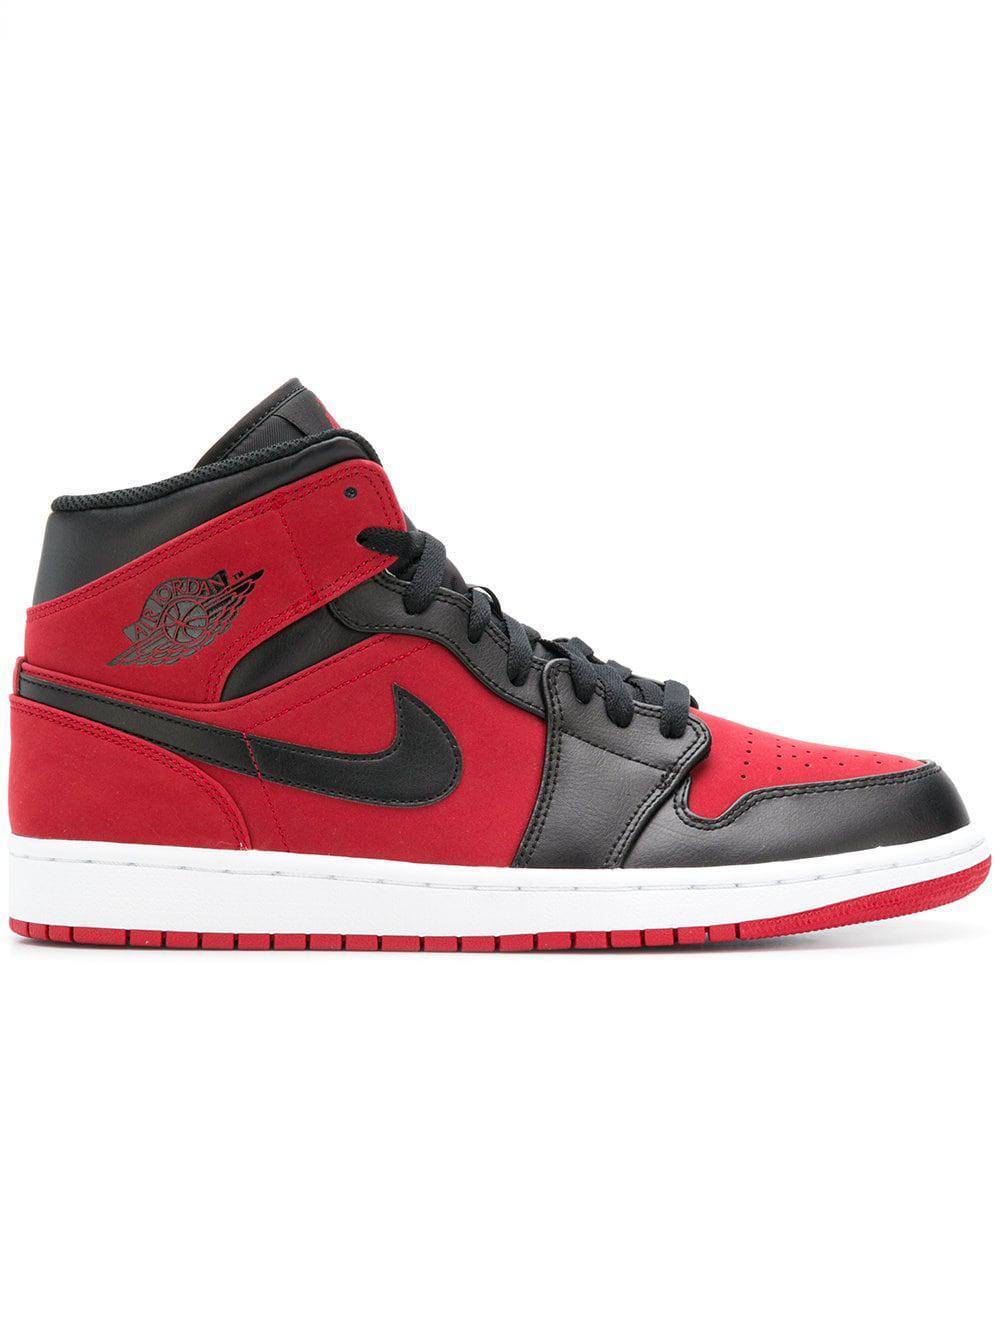 lote Resistente Confidencial  Nike Cuero Zapatillas con cordones y logo en Rojo para hombre - Lyst